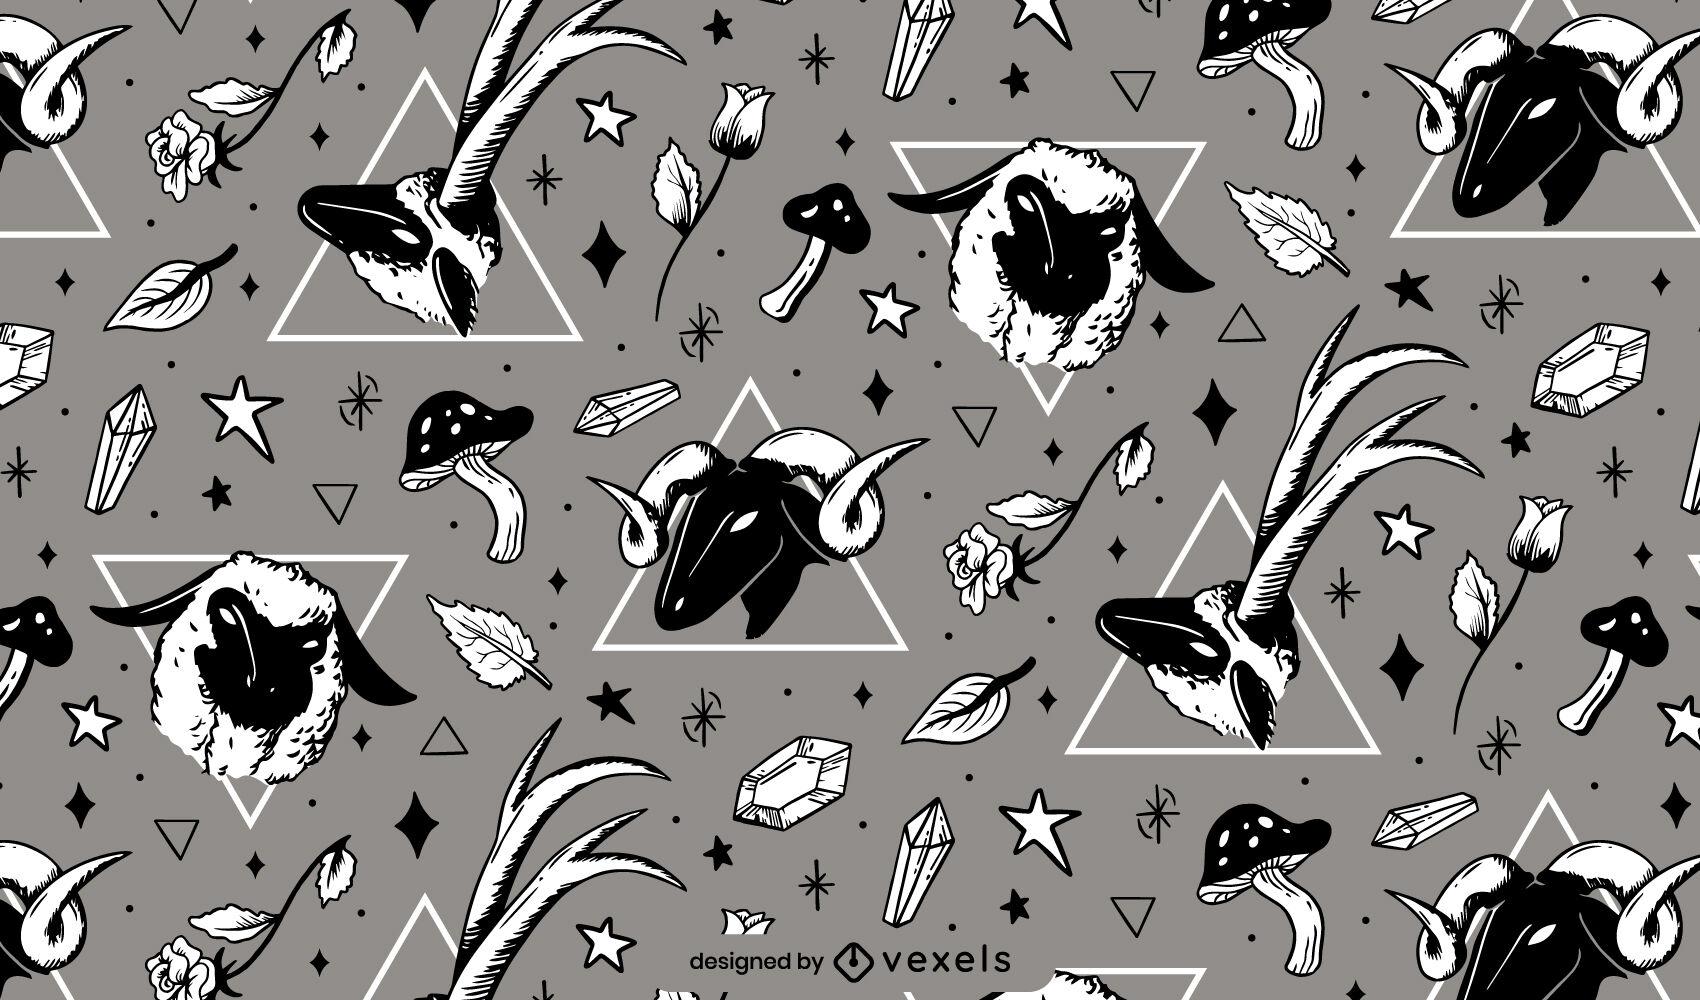 Sheep animal magical pattern design